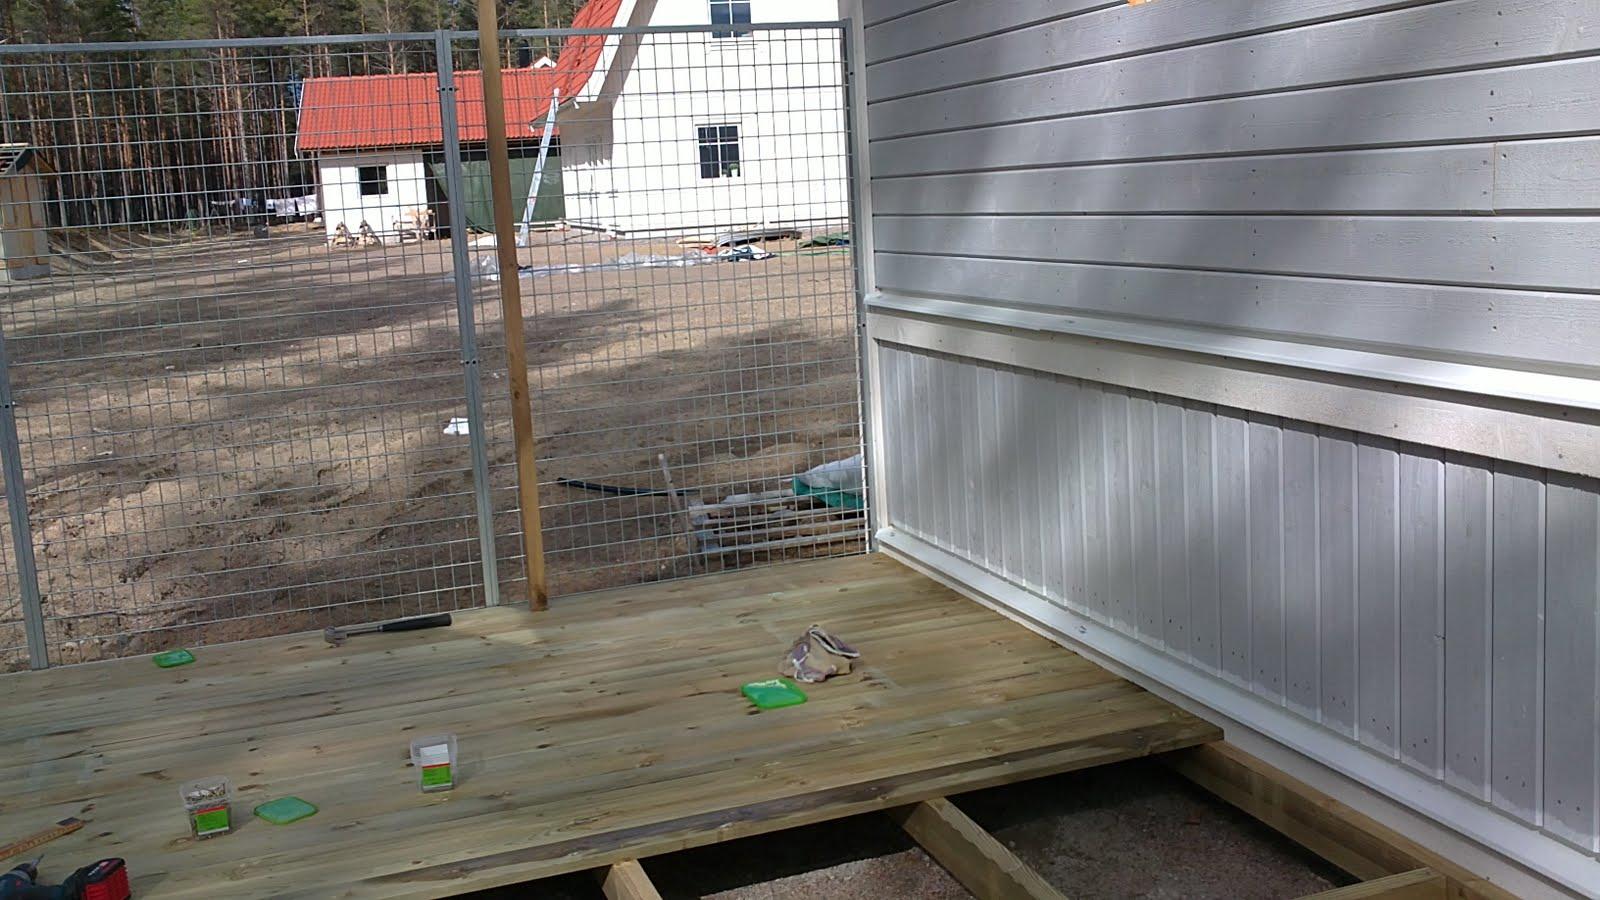 Vi har byggt ett Doppingen hus: Bygger hundgård